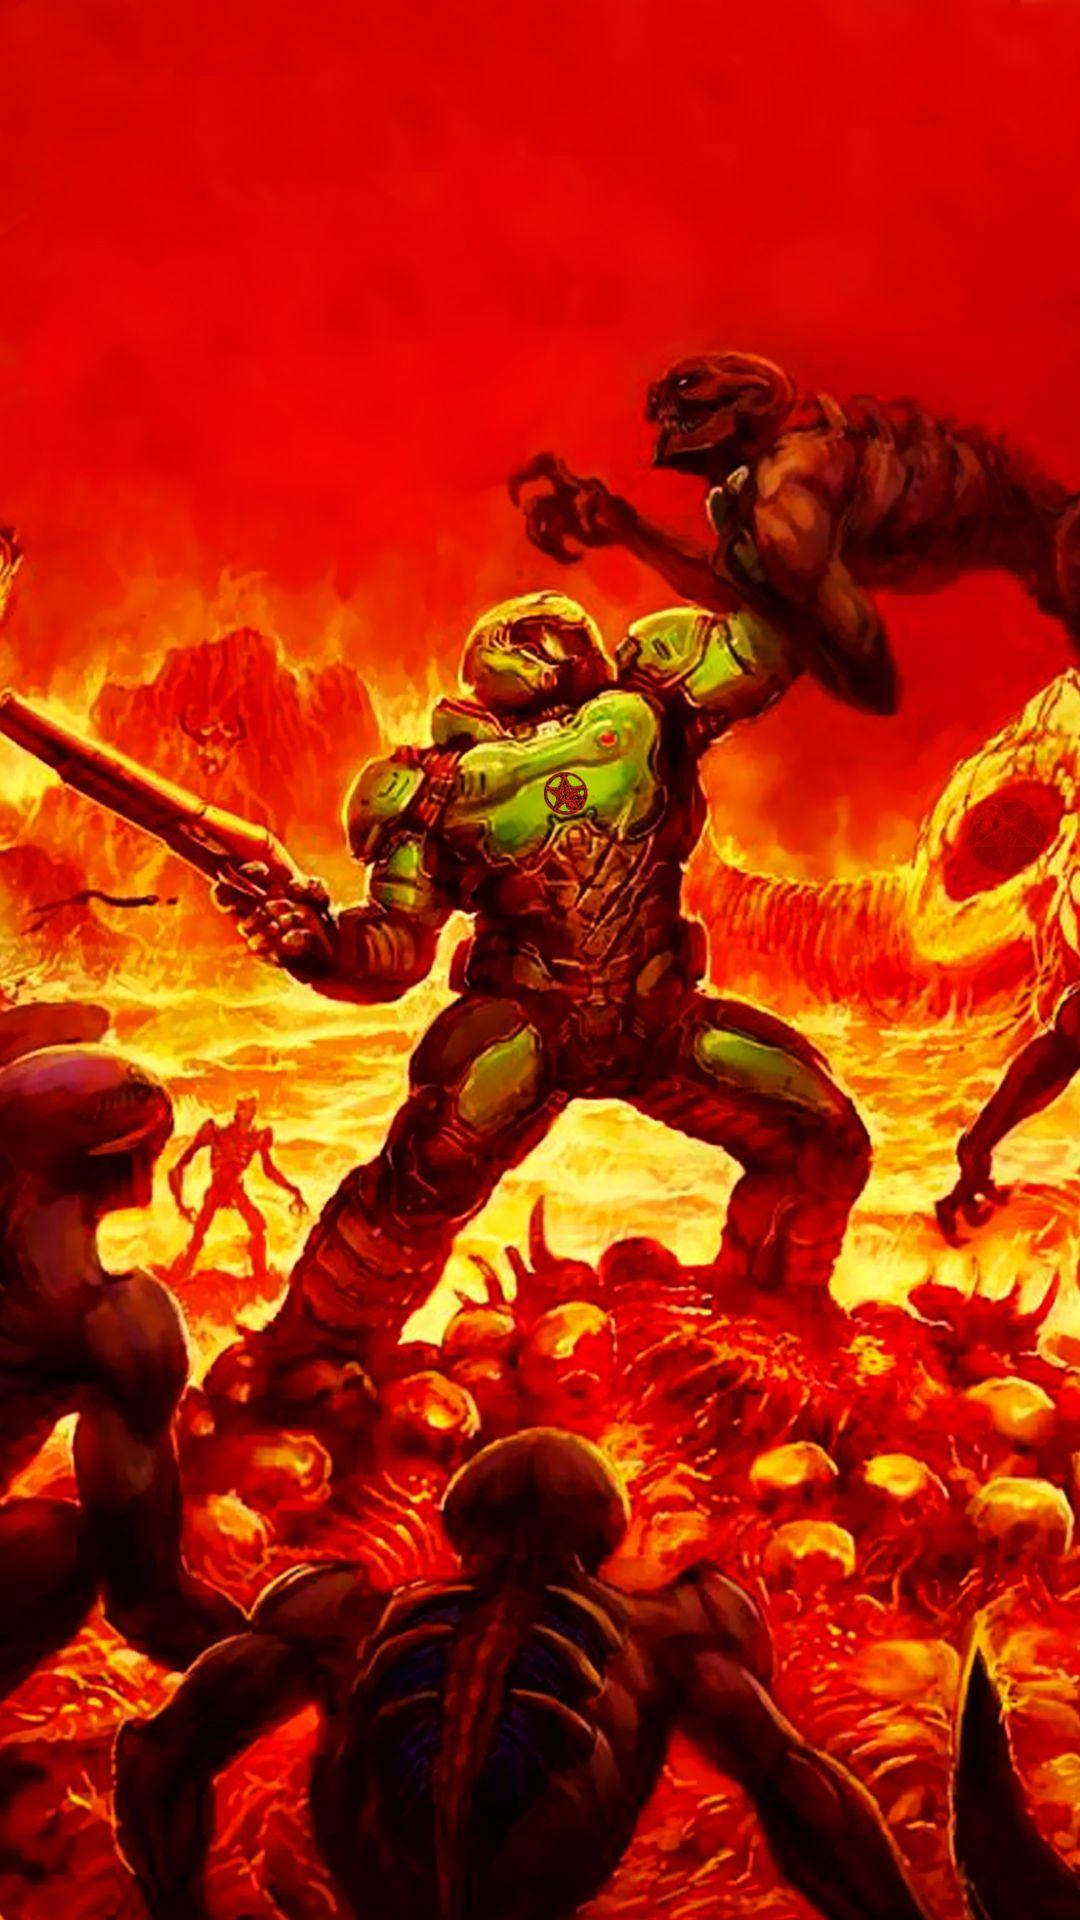 Mf Doom Iphone Wallpaper